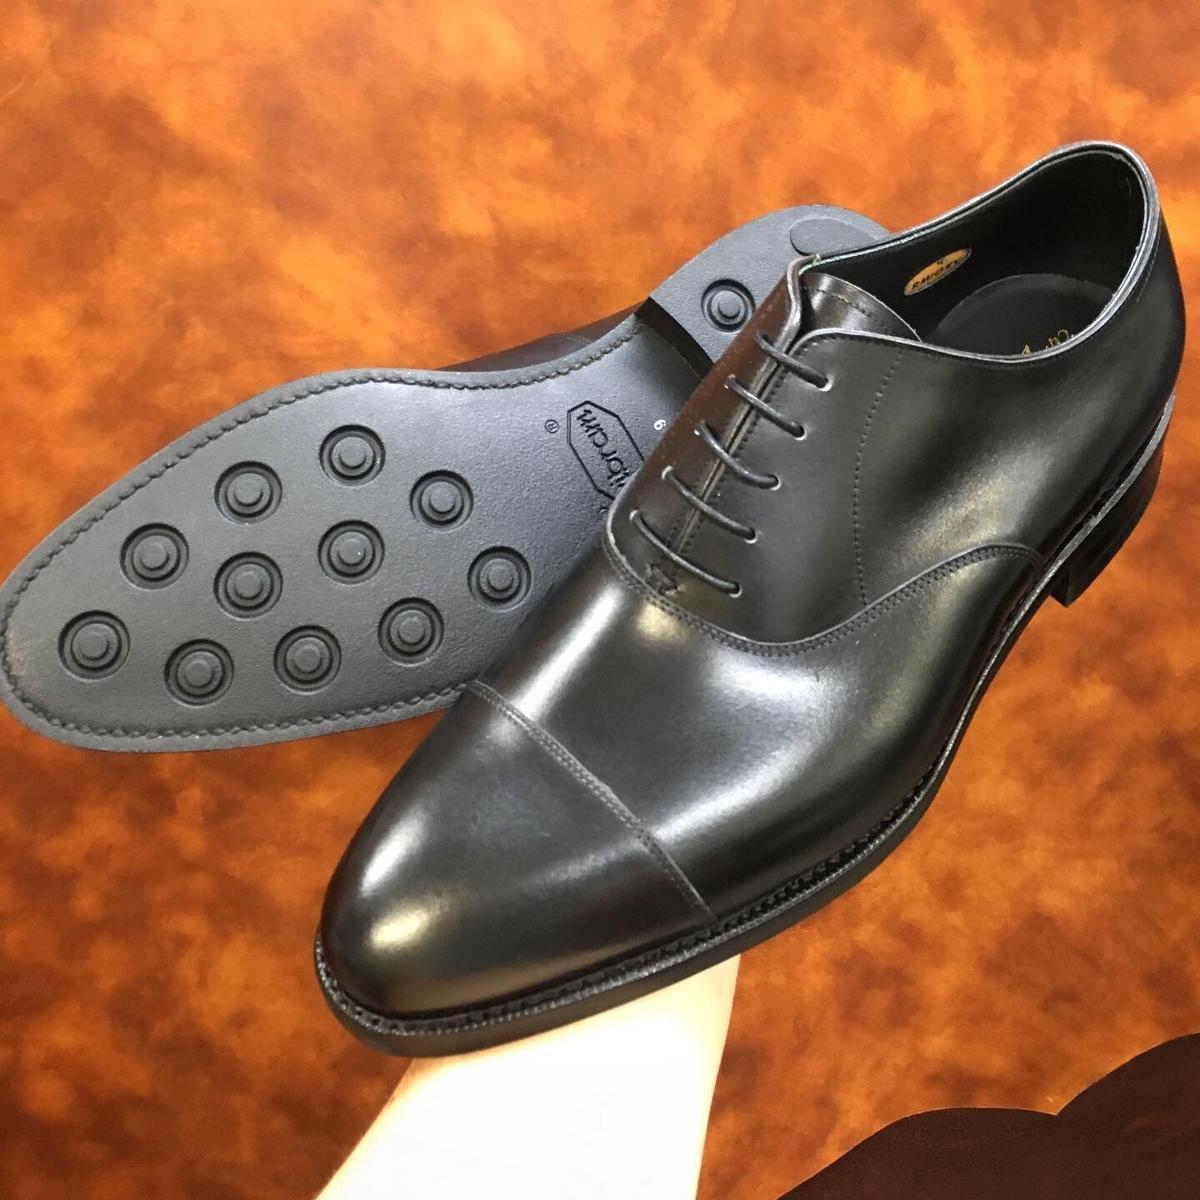 f:id:raymar-shoes:20190626223718j:plain